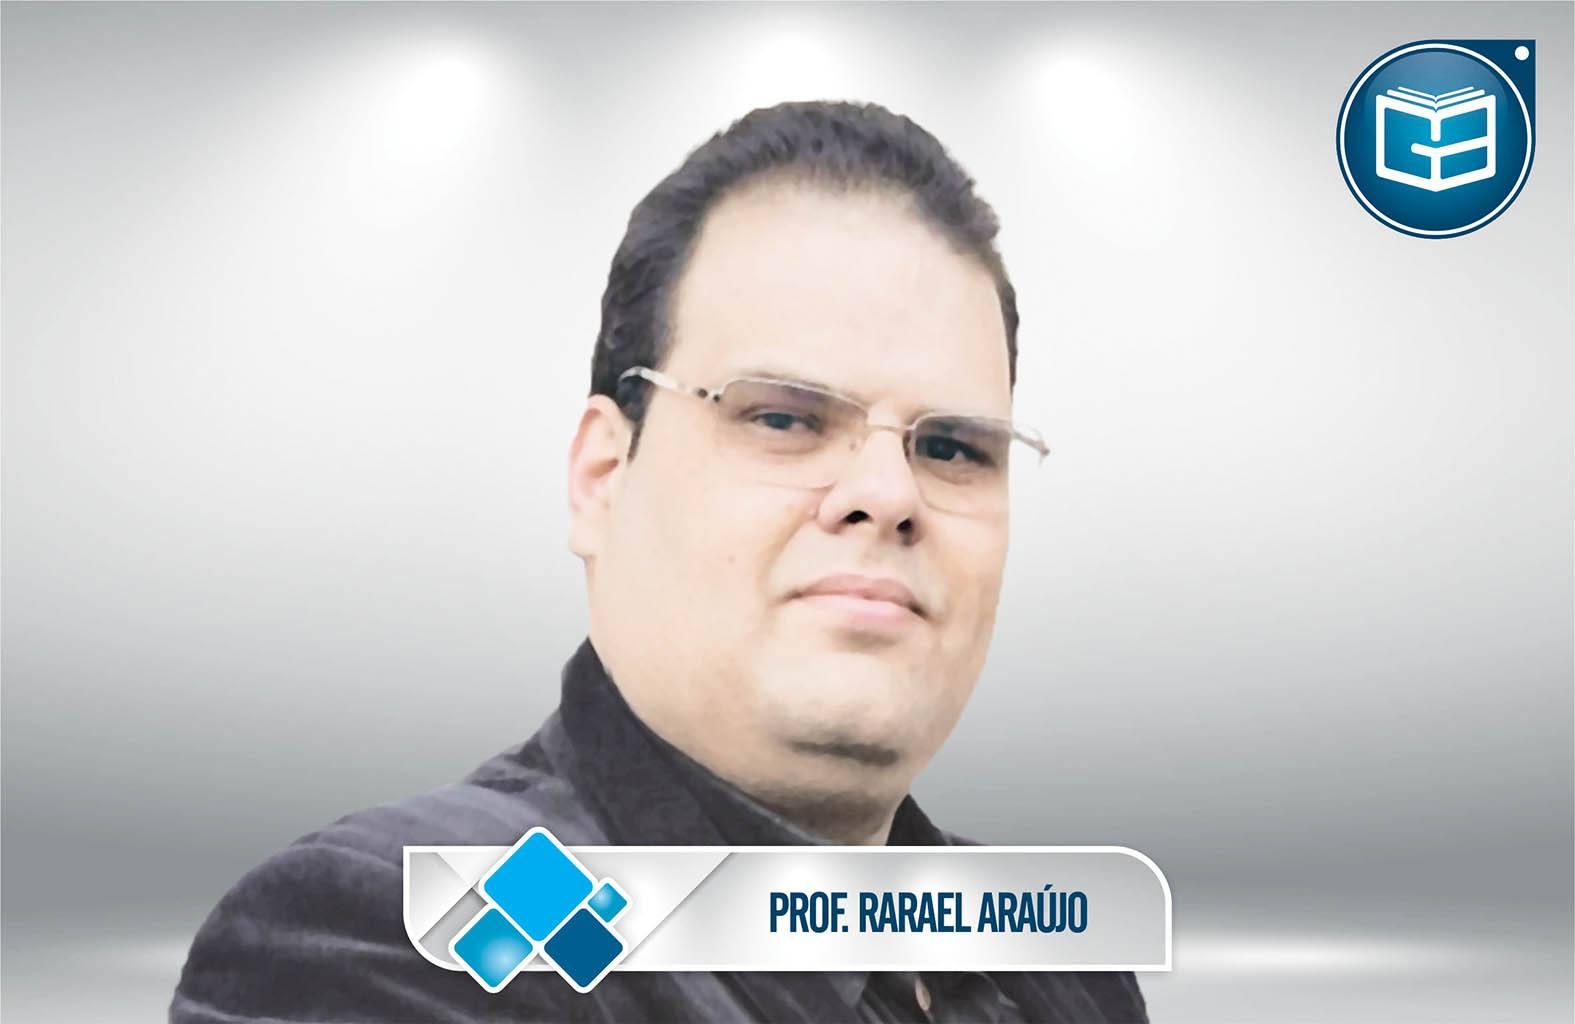 Curso de Informática - POLÍCIA PENAL